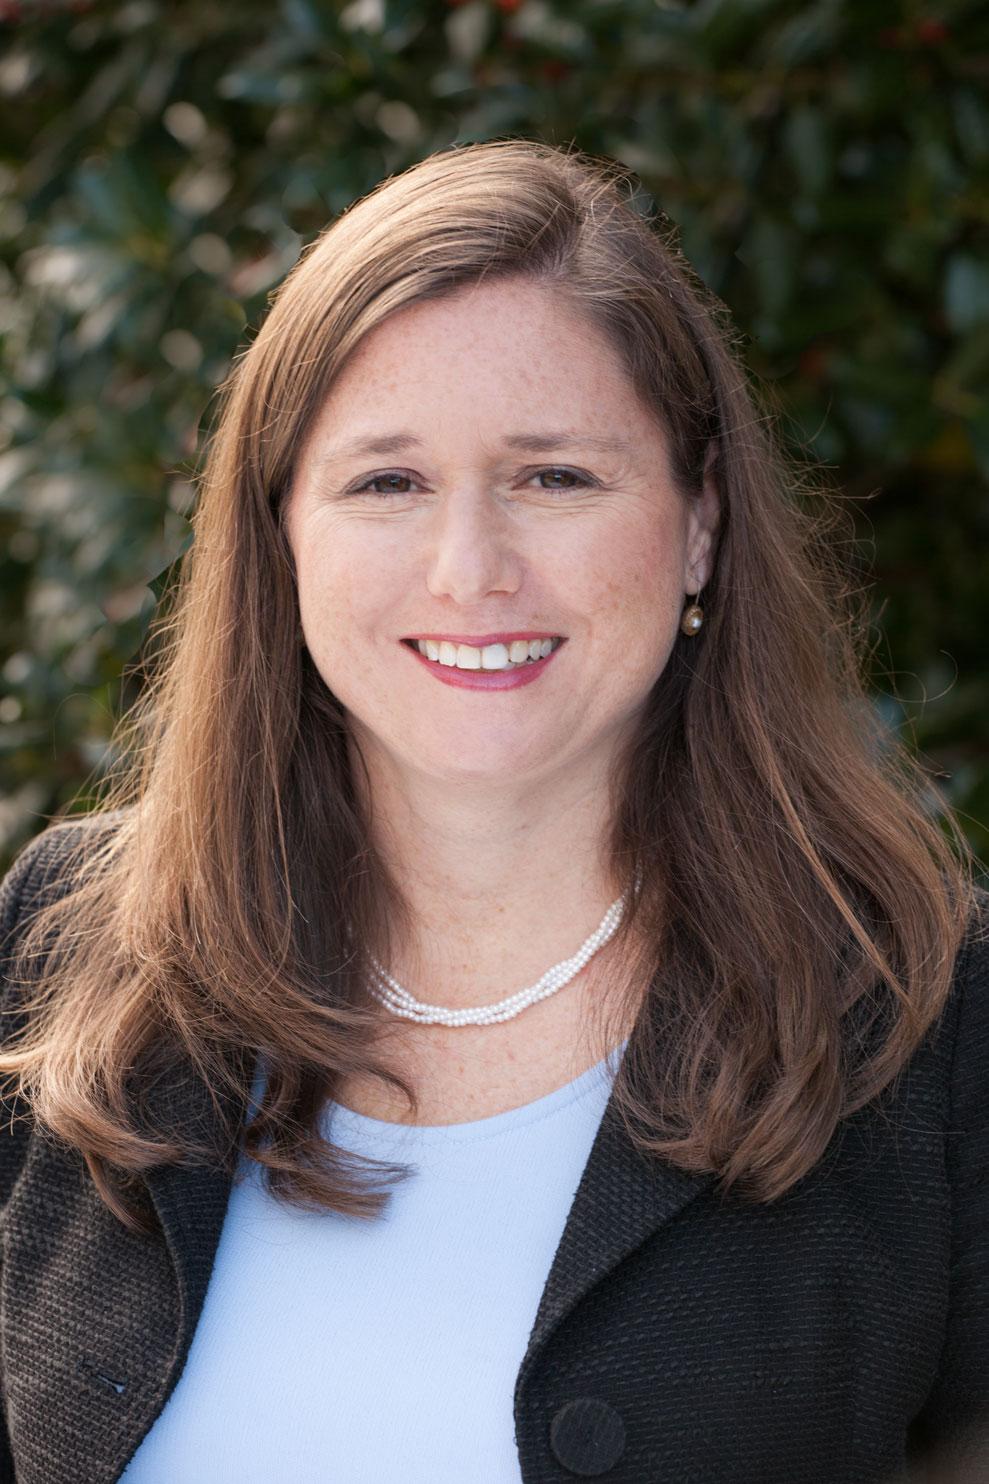 Photo of Renee Frederiksen, Business Development specialist